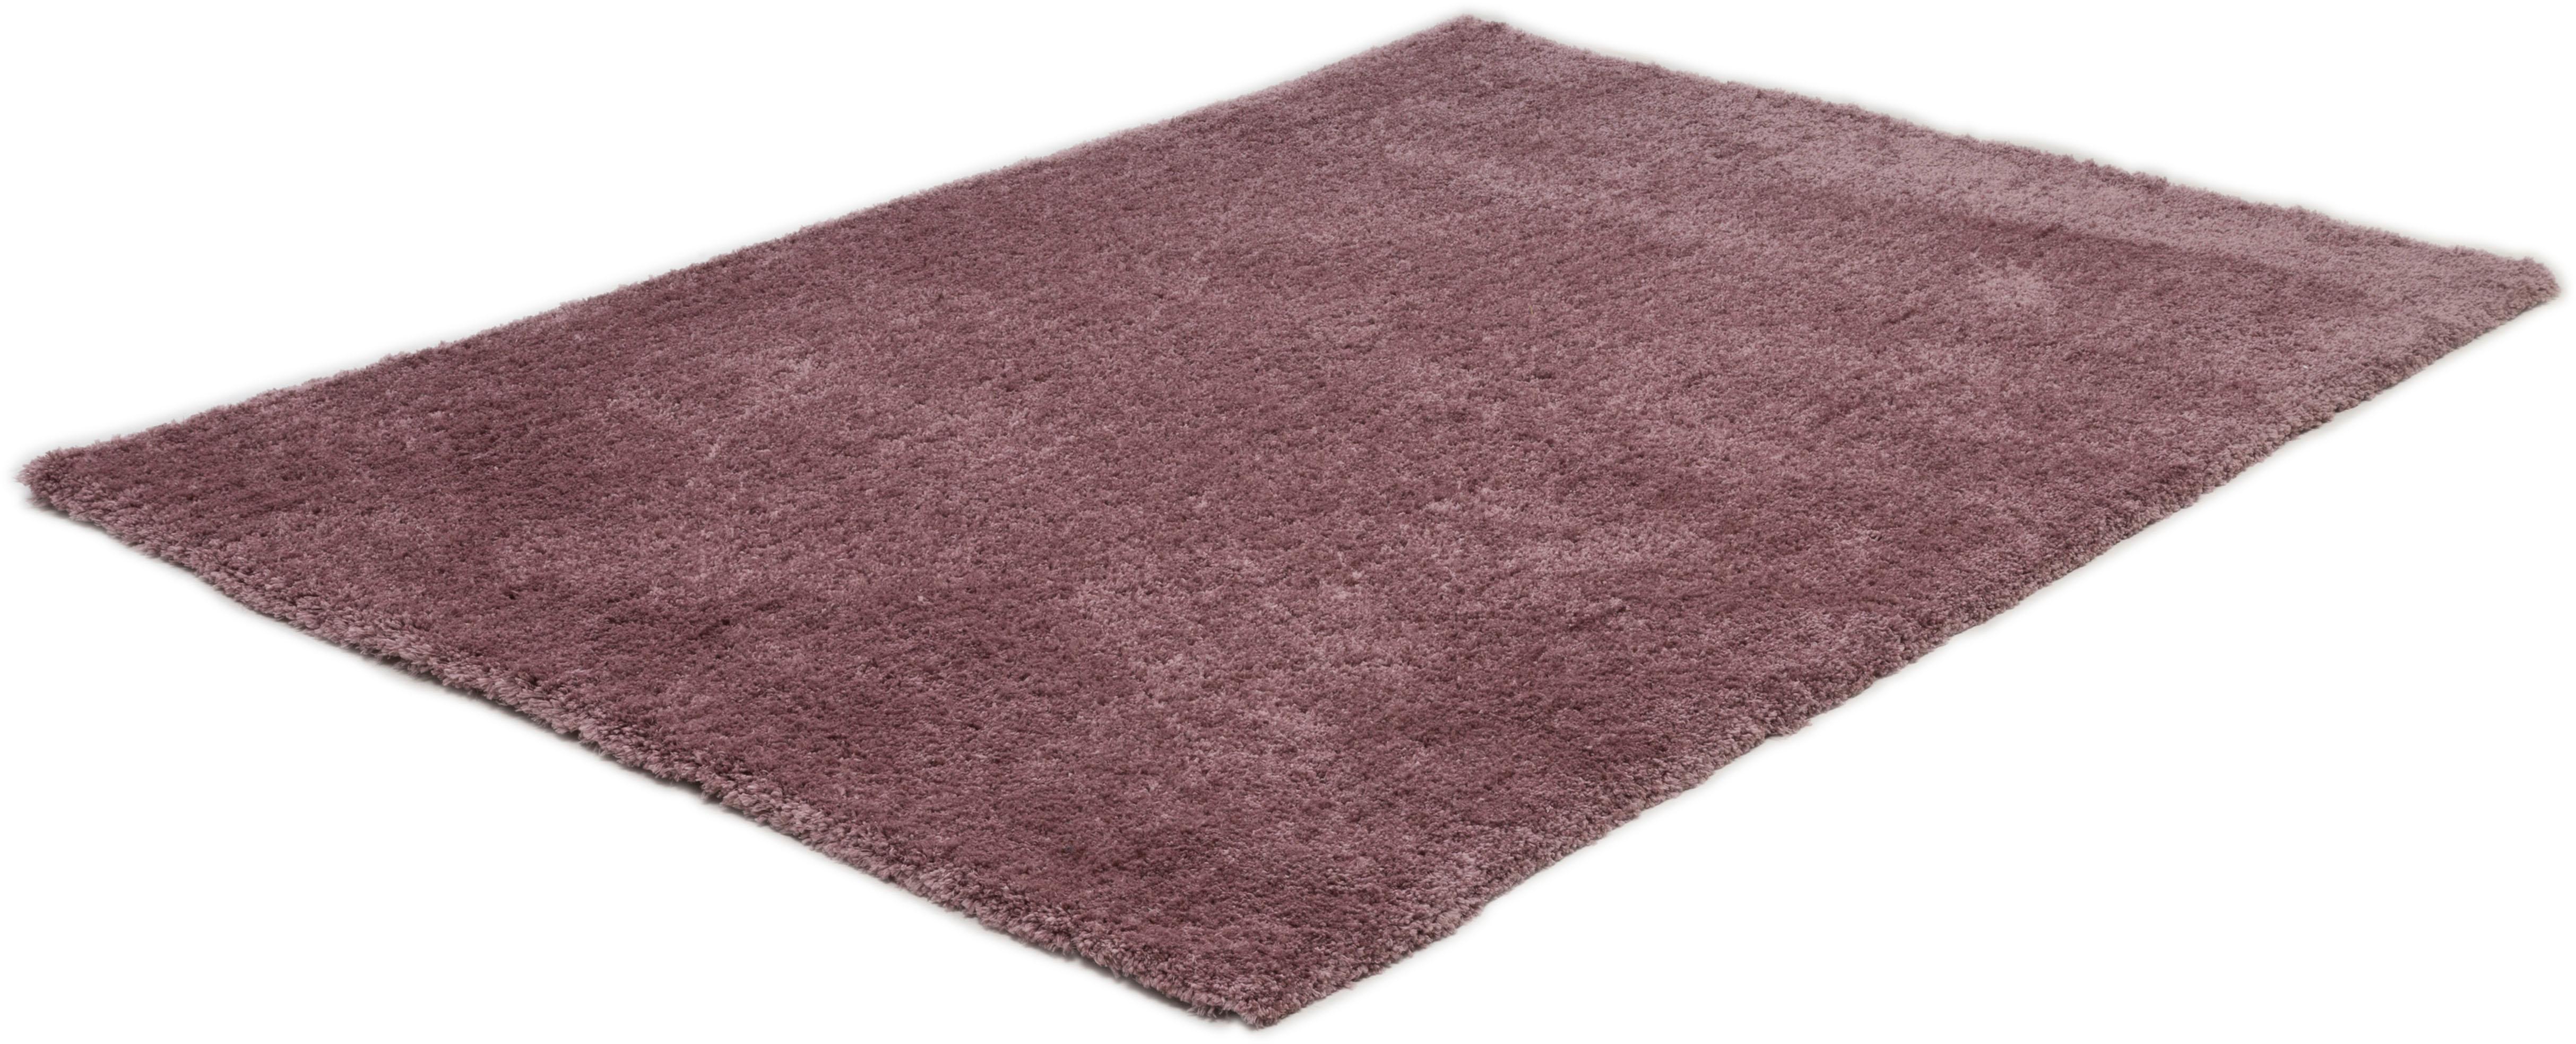 Teppich Guilia 001 Gino Falcone rechteckig Höhe 15 mm handgetuftet